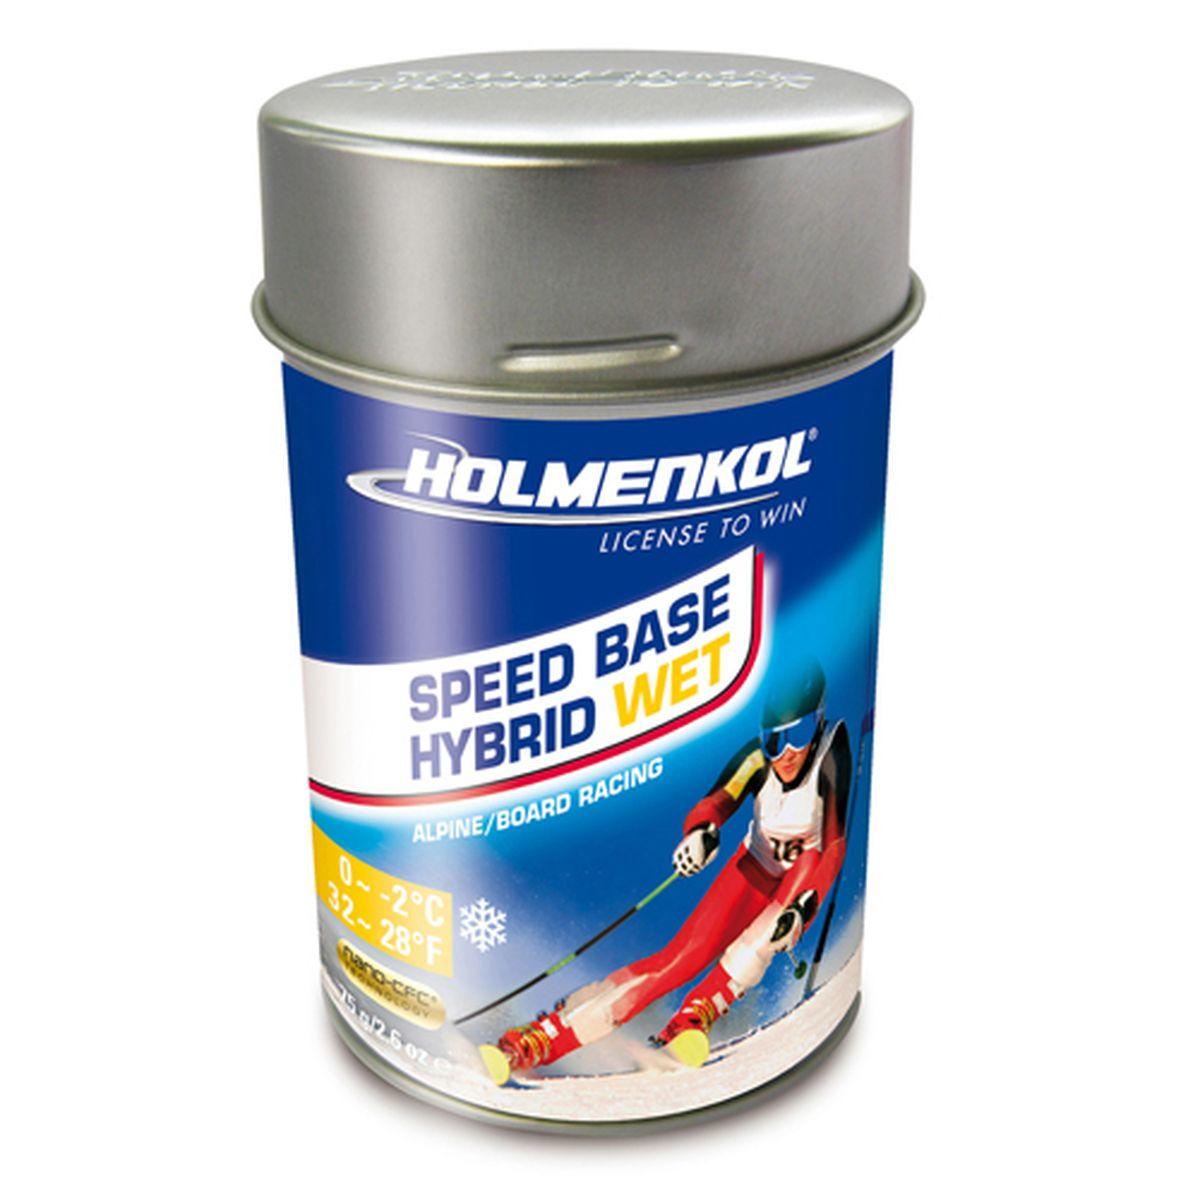 Фторовый порошок на холод Holmenkol SpeedBase Hybrid Wet для горных лыж и сноуборда, 24545, 75 г